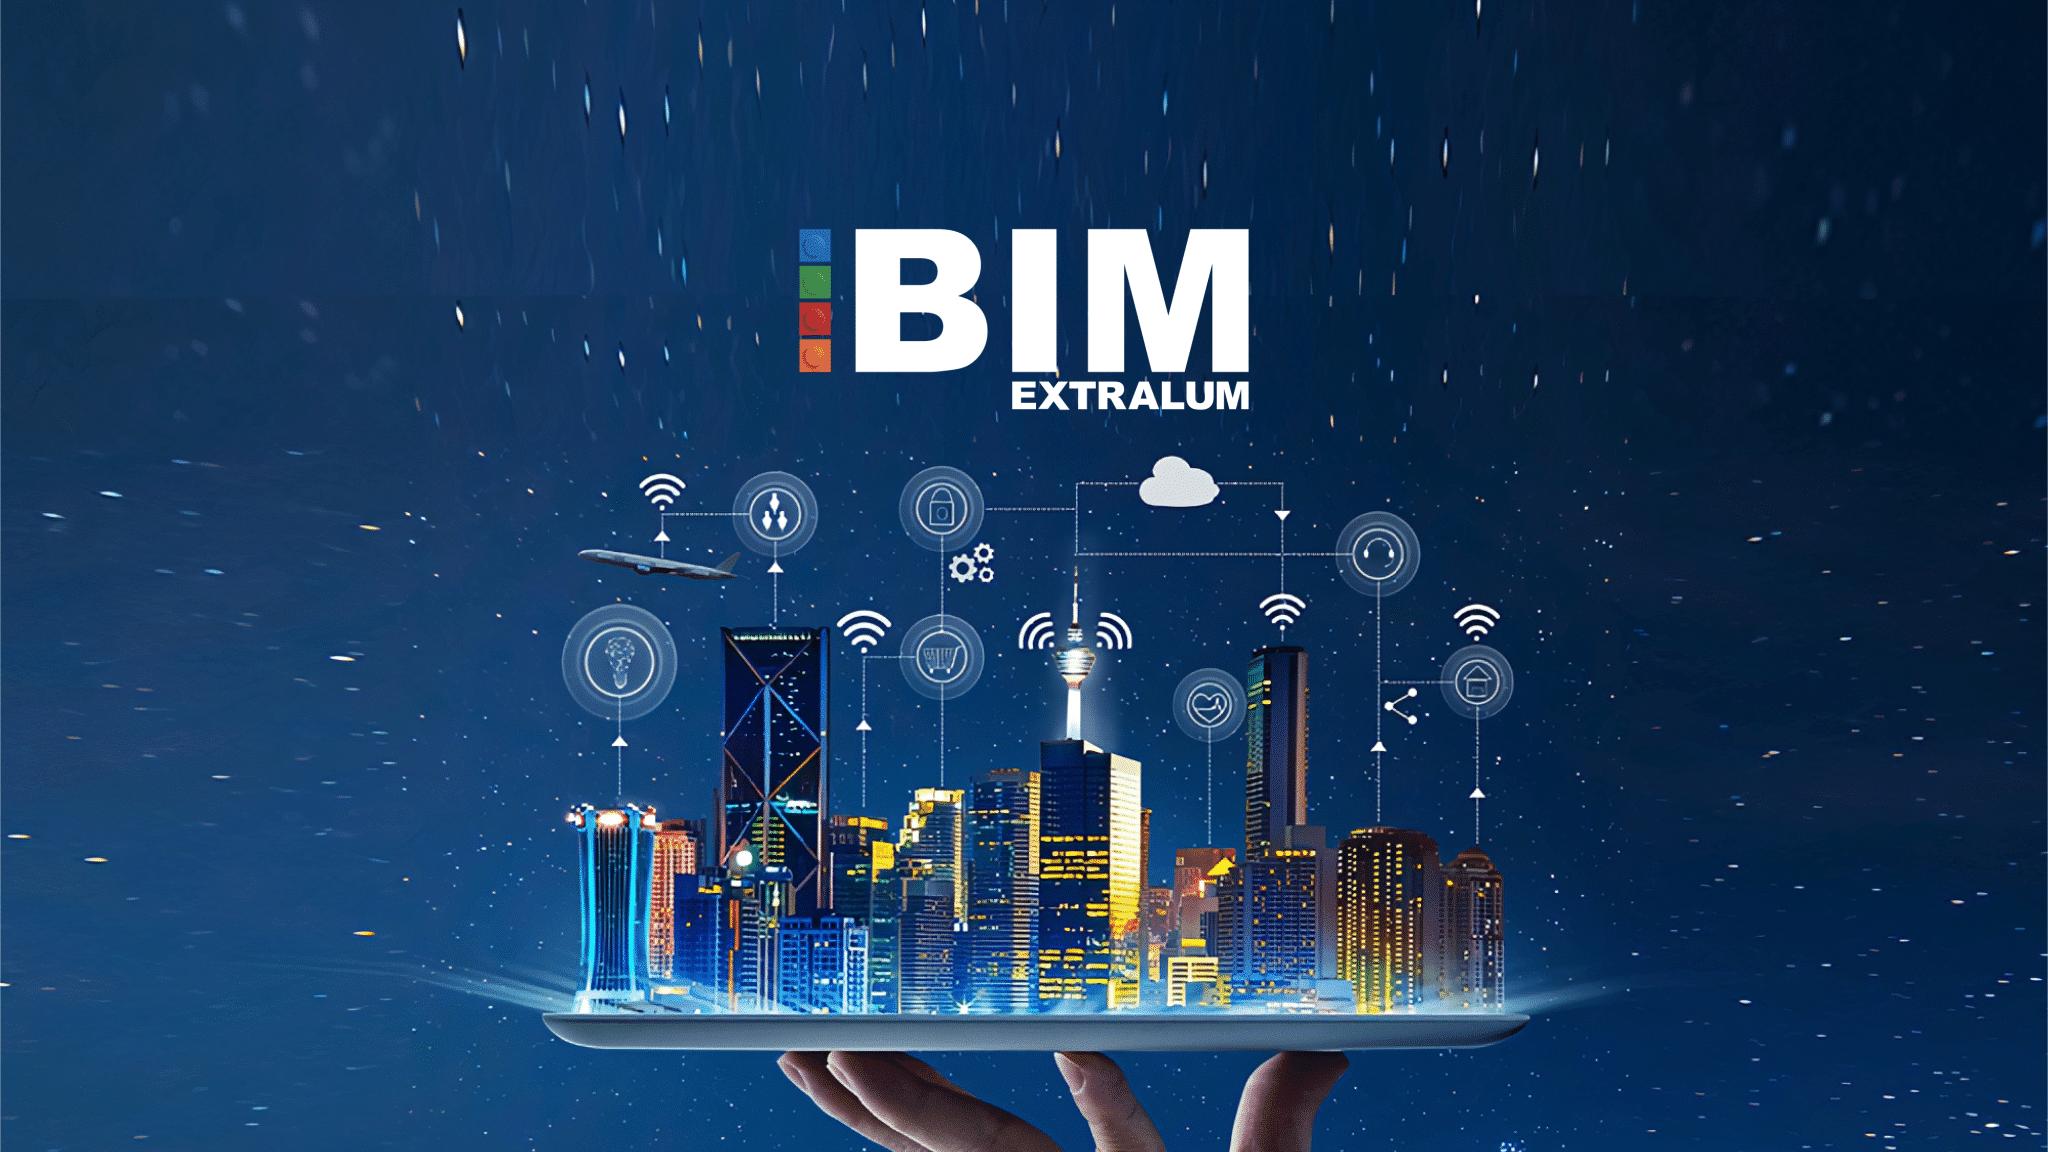 BIM Extralum